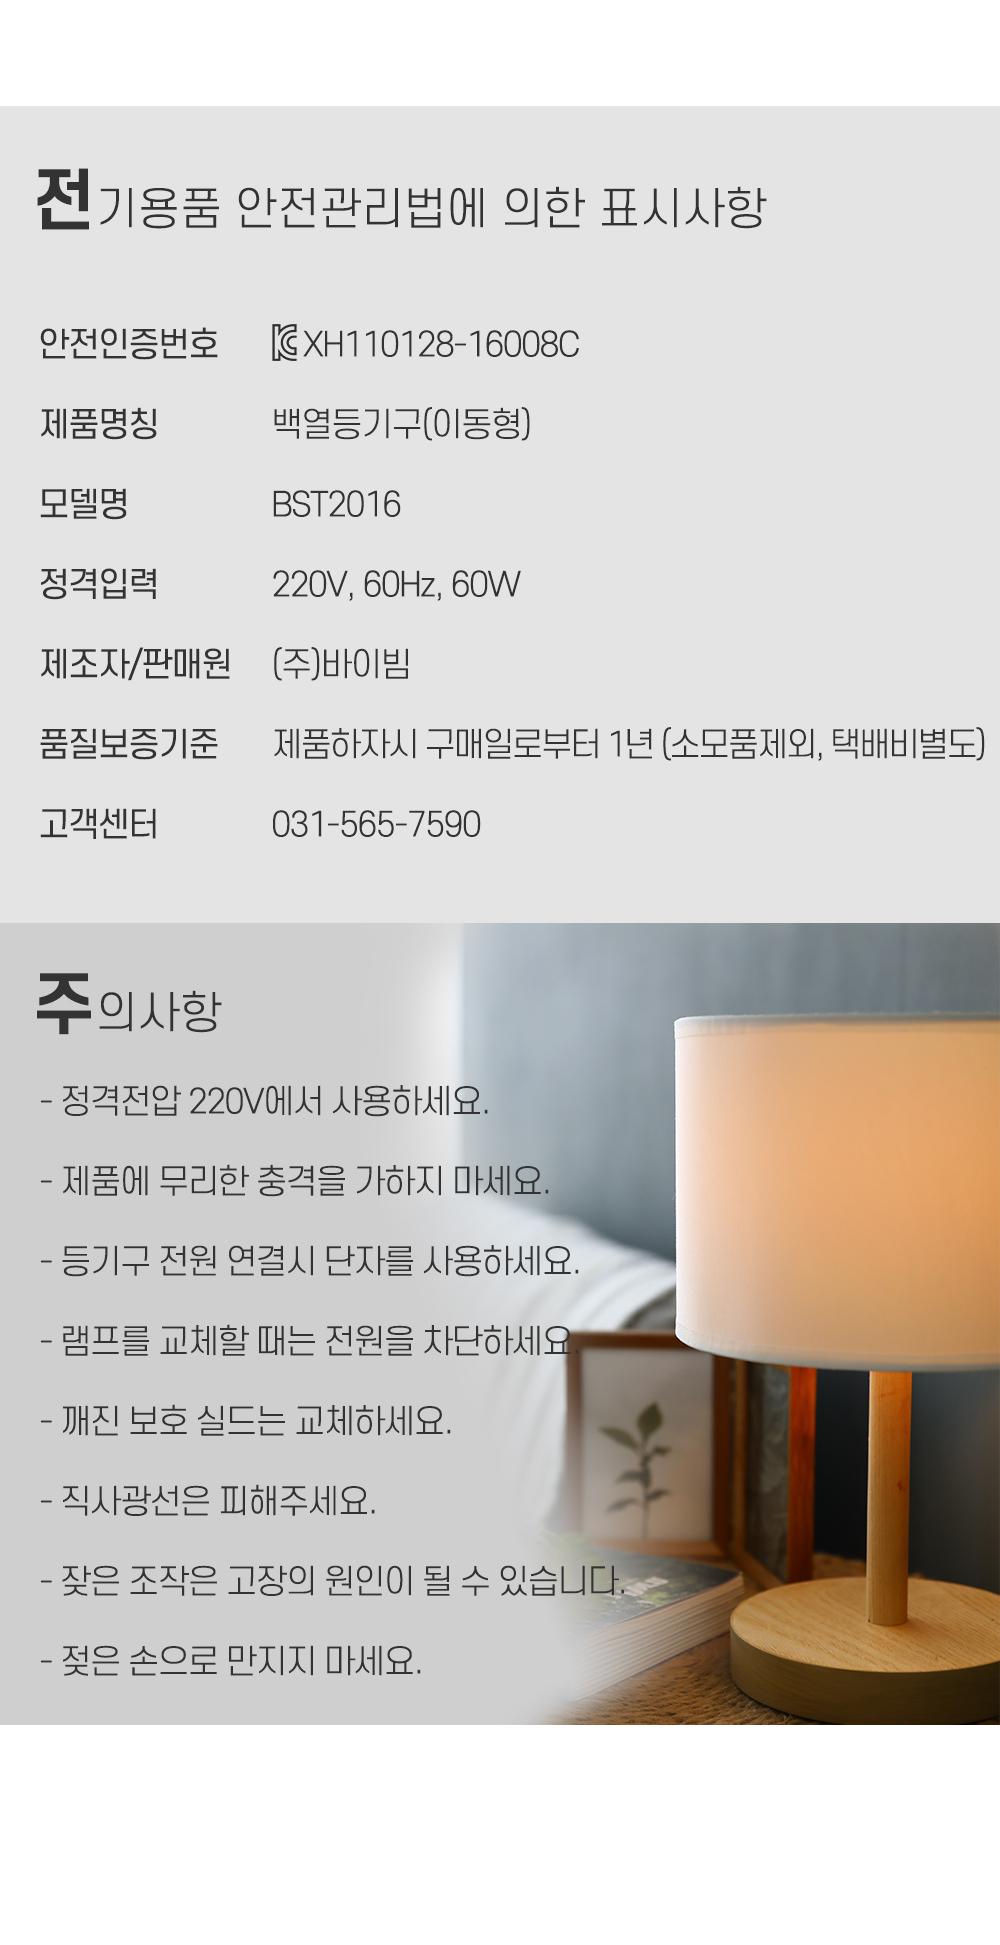 전기용품안전관리법에 의한 표시사항 및 사용시 주의사항